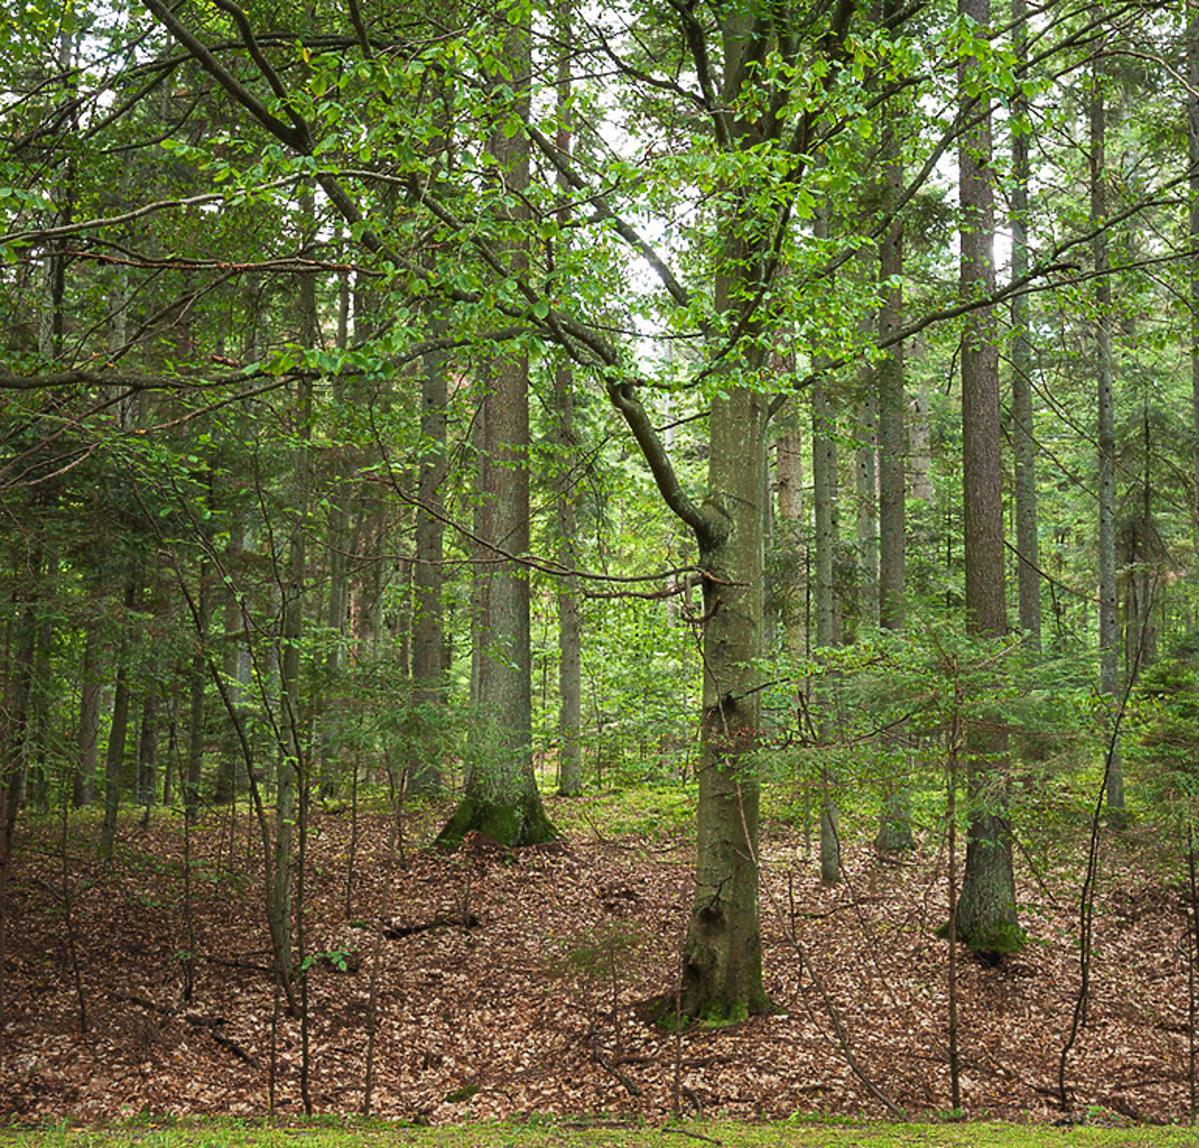 Koronawirus w Polsce. Wprowadzono tymczasowy zakaz wstępu do lasu. Na jak długo?